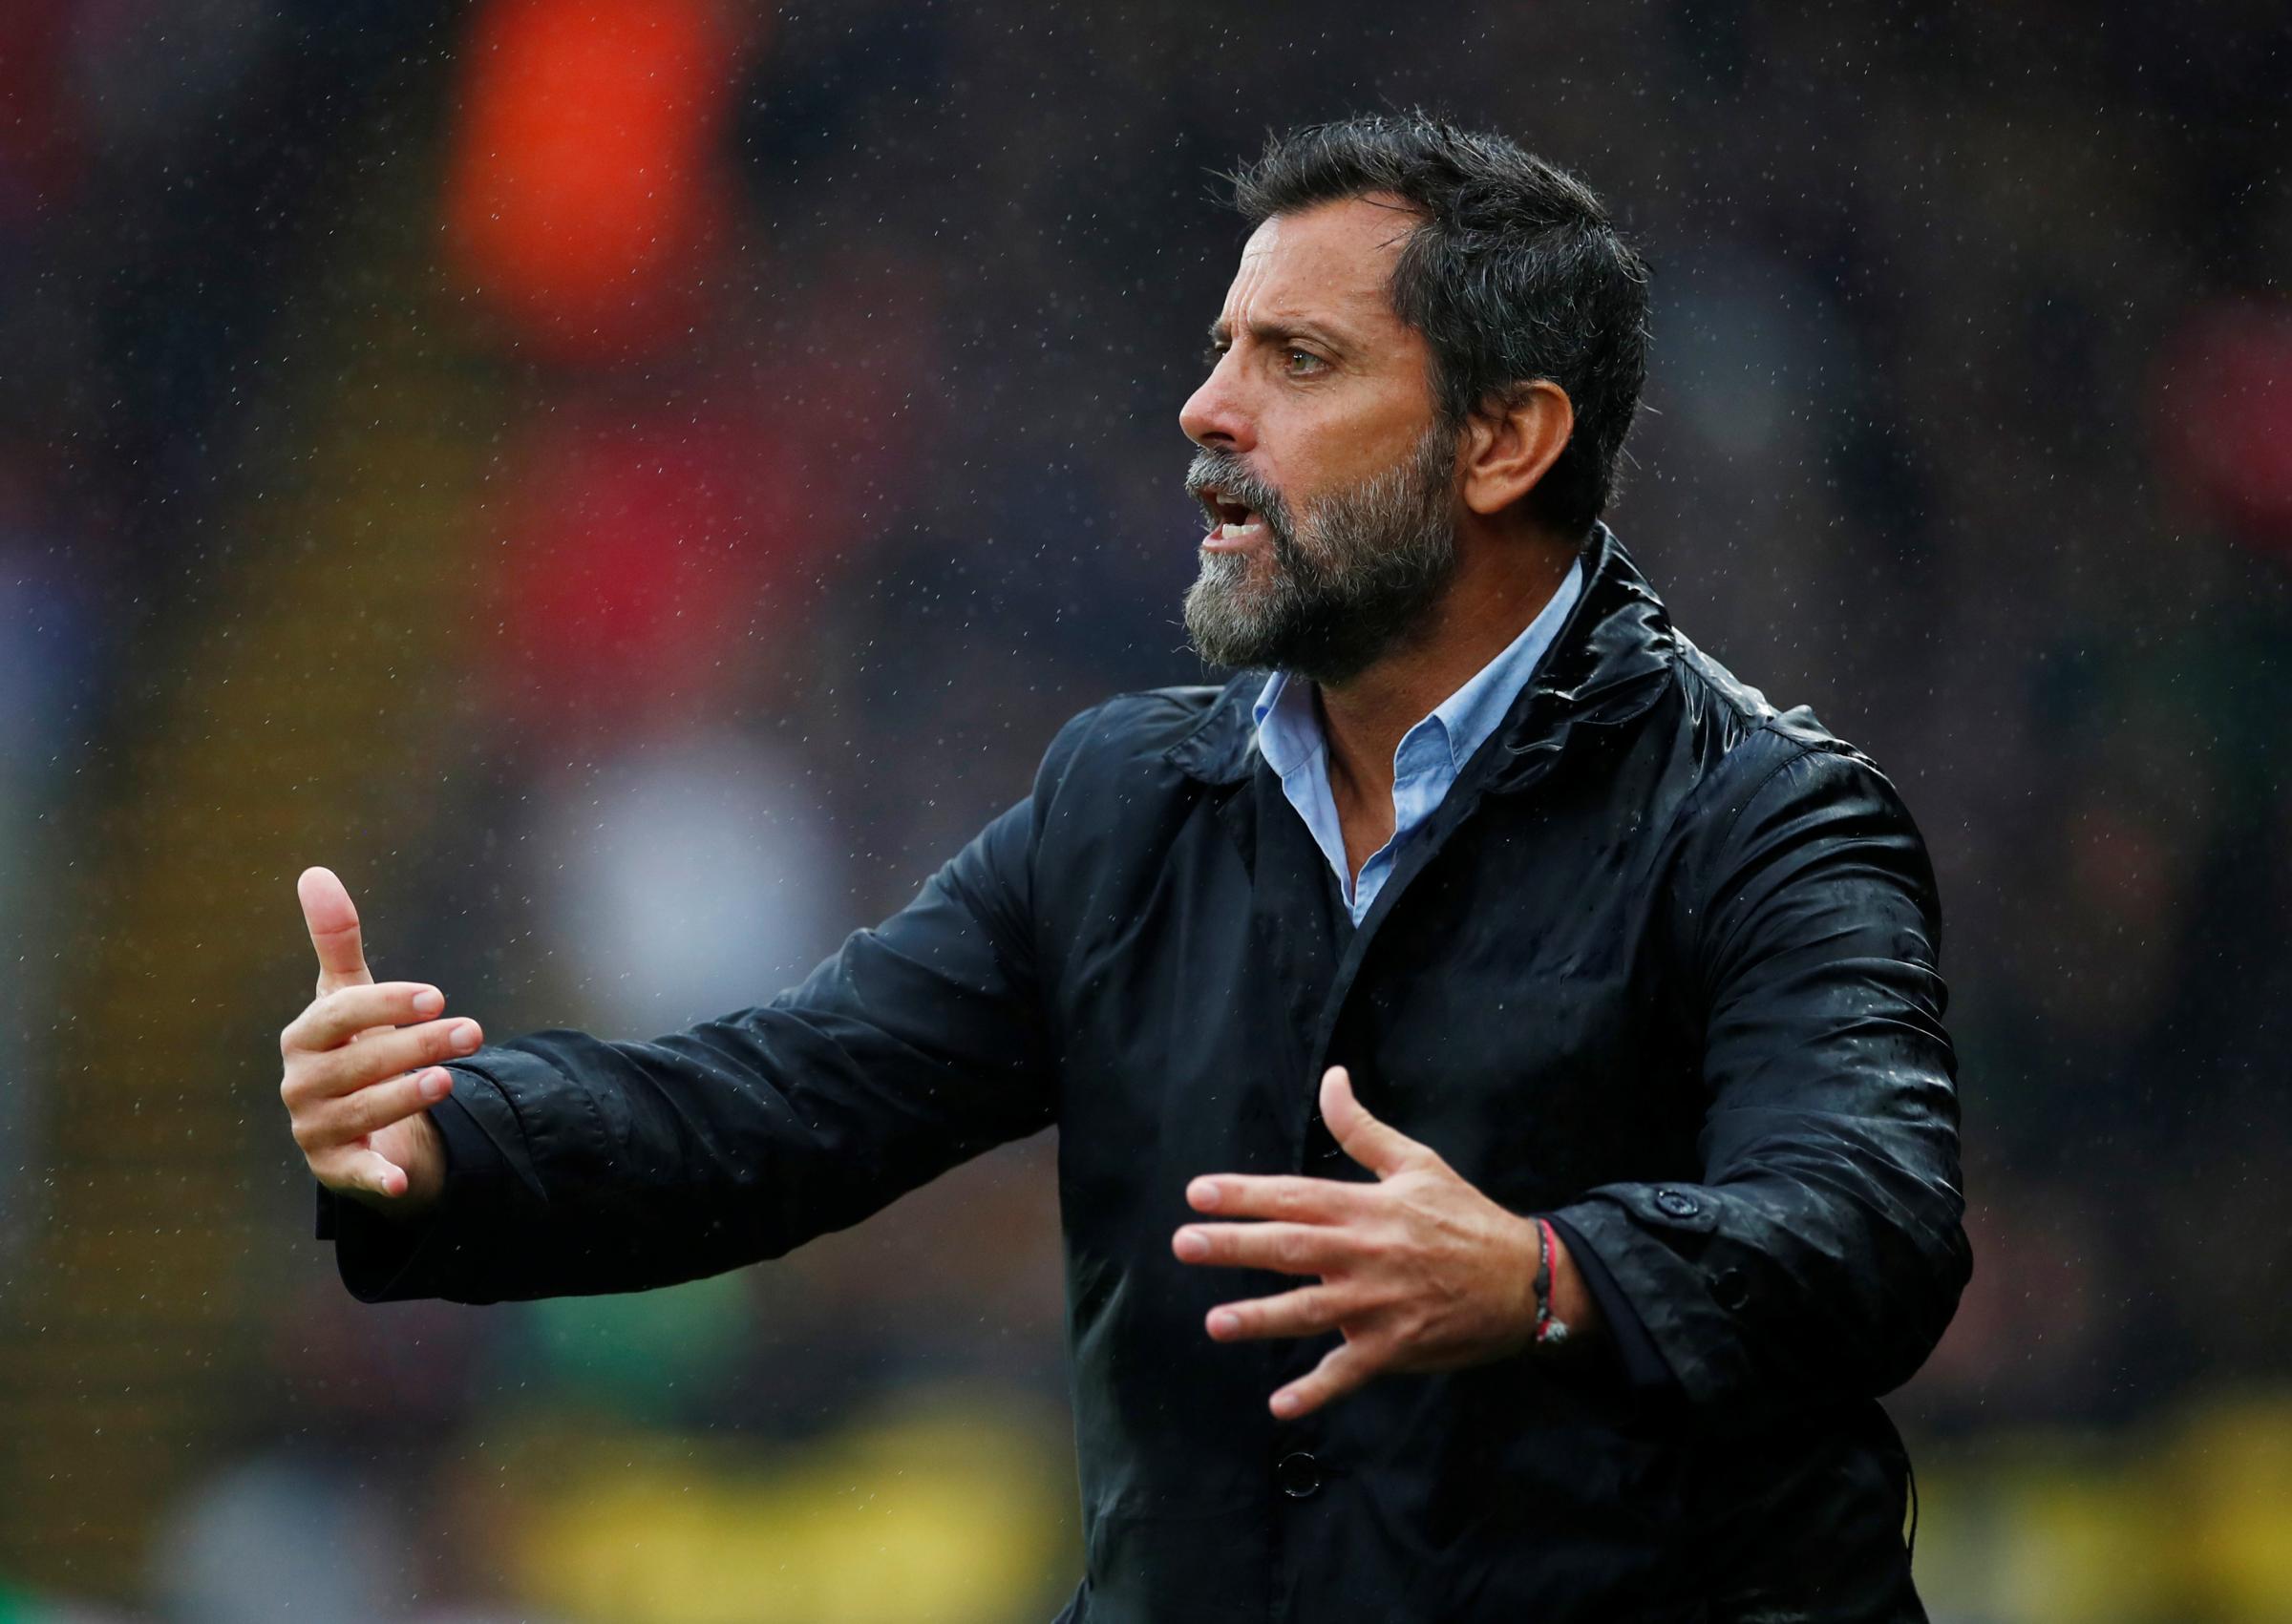 Quique Sanchez Flores explains defensive tactics to Watford fans